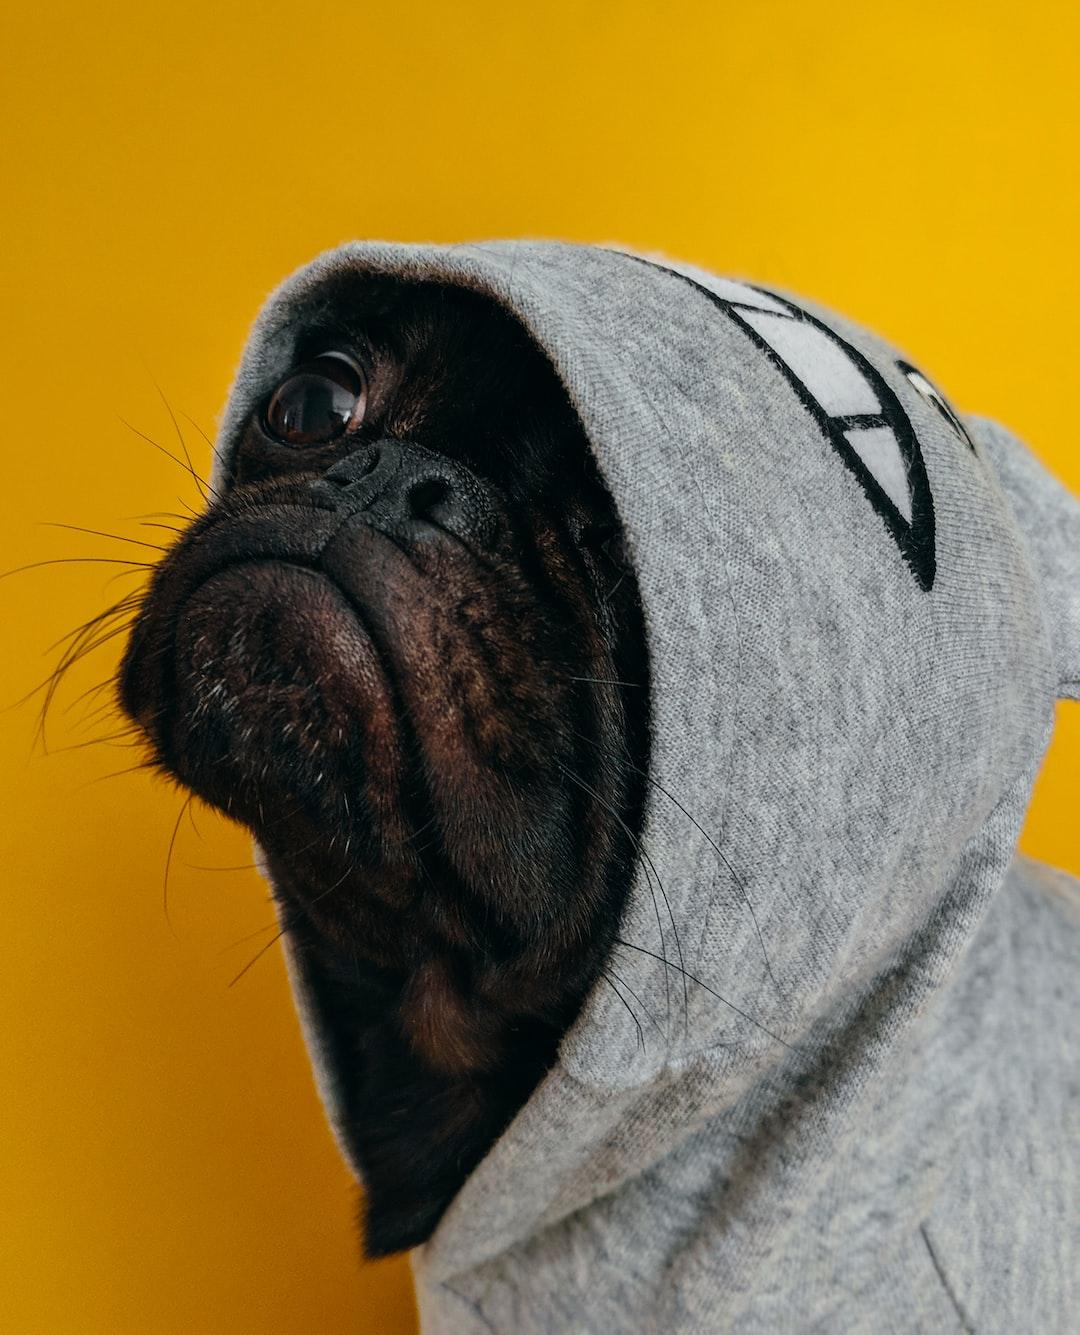 Doggy stajl foto